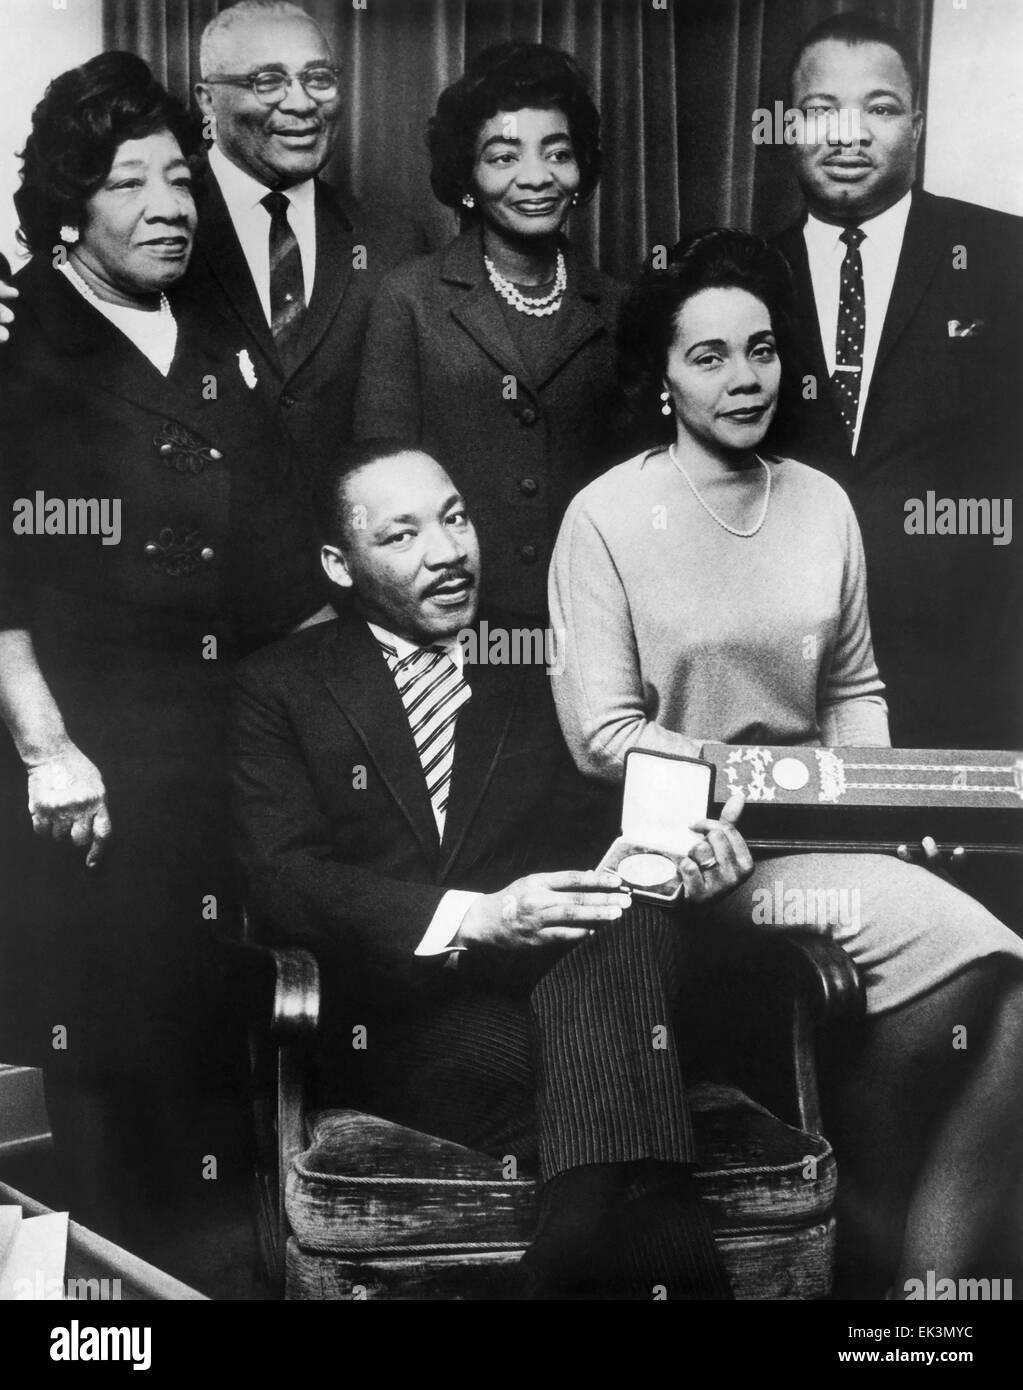 Martin Luther King, Jr., avec femme Coretta et la famille, l'acceptation de prix Nobel de la paix, 1964 Banque D'Images